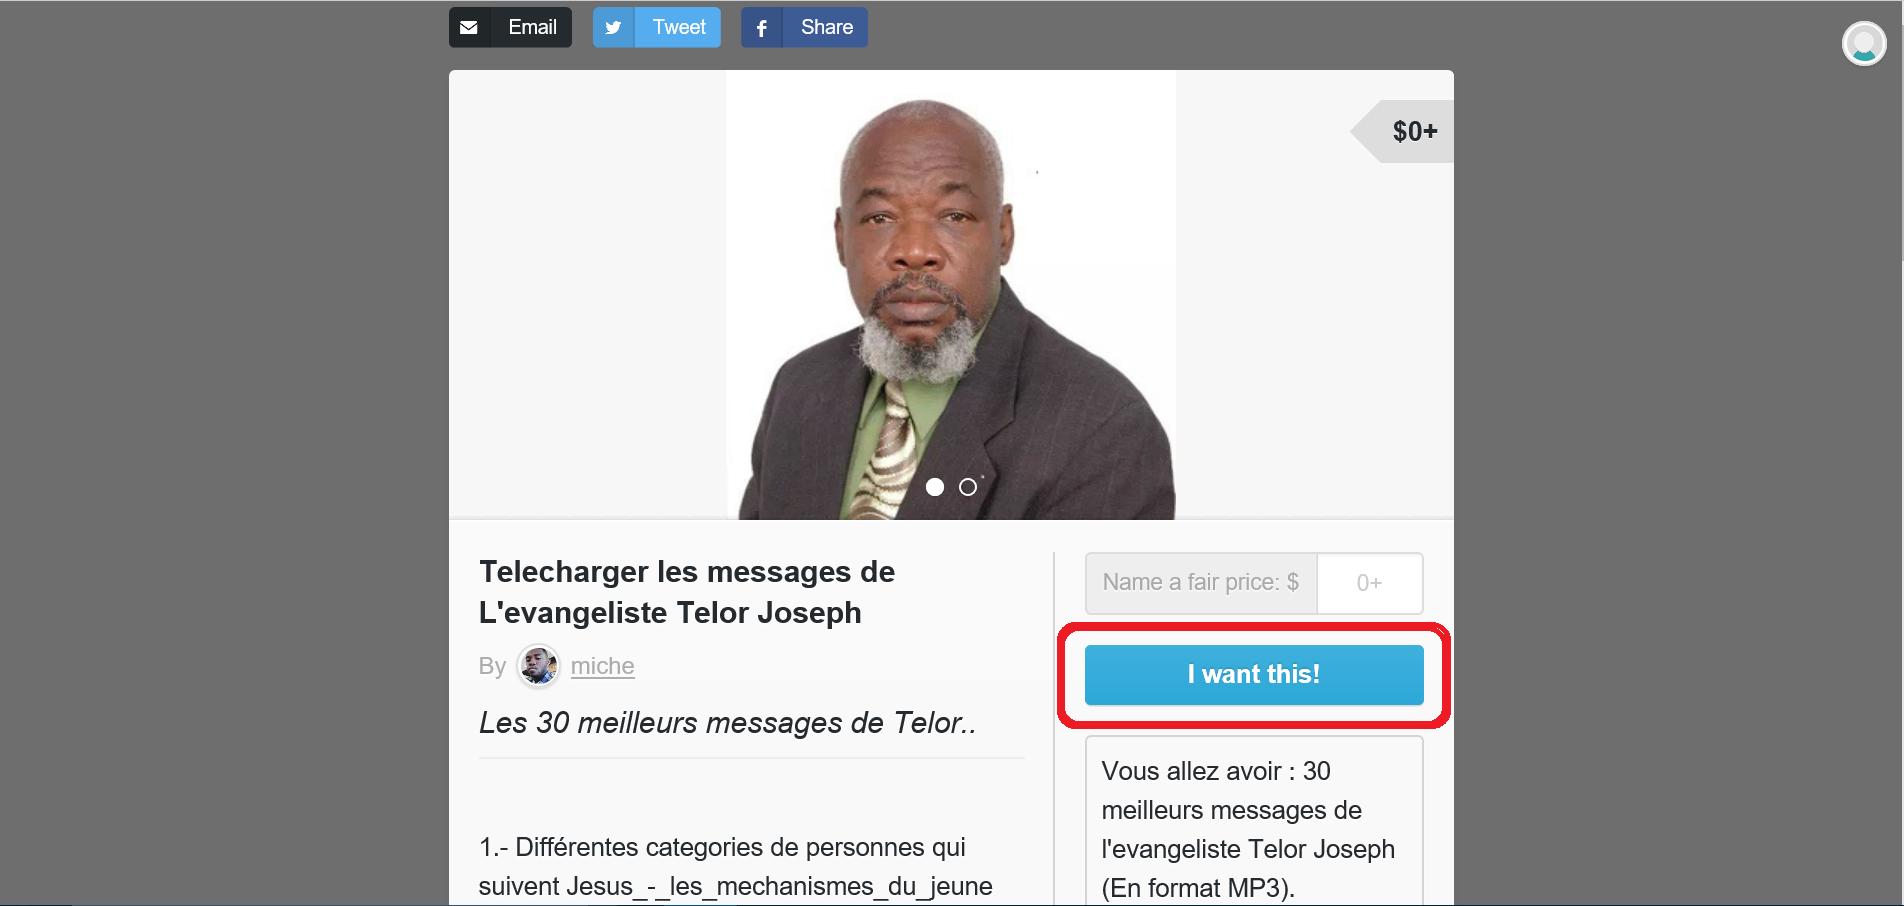 Comment Telecharger les messages de l'evangeliste Telor Joseph - Tutoriel (Screenshot 1)